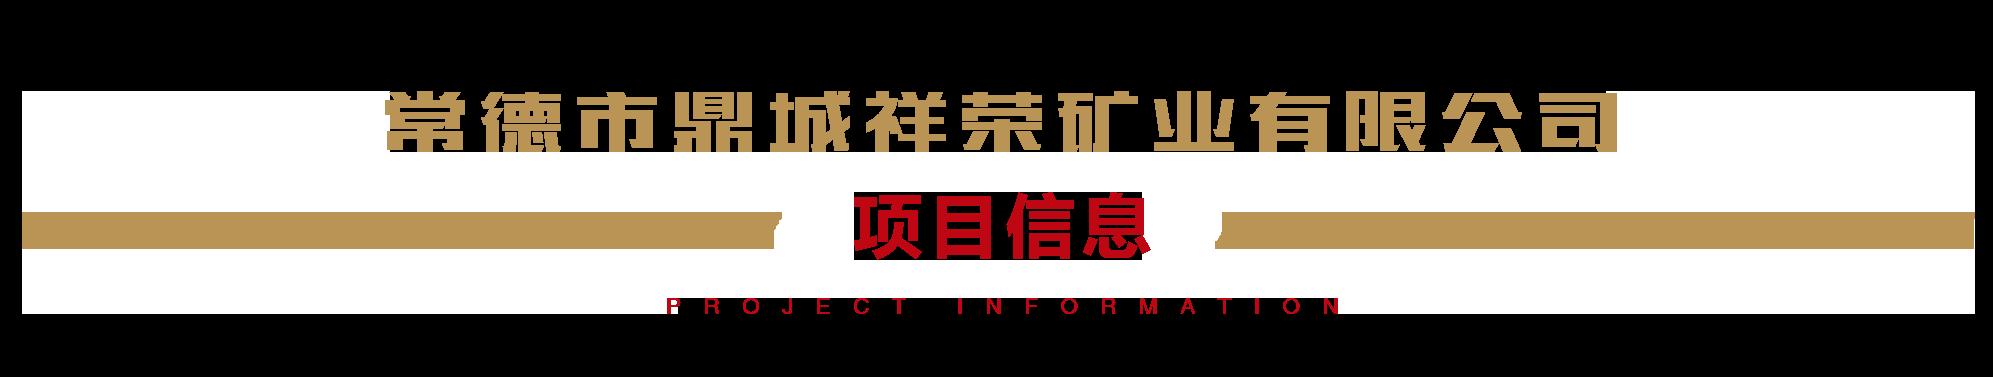 祥荣金矿推介